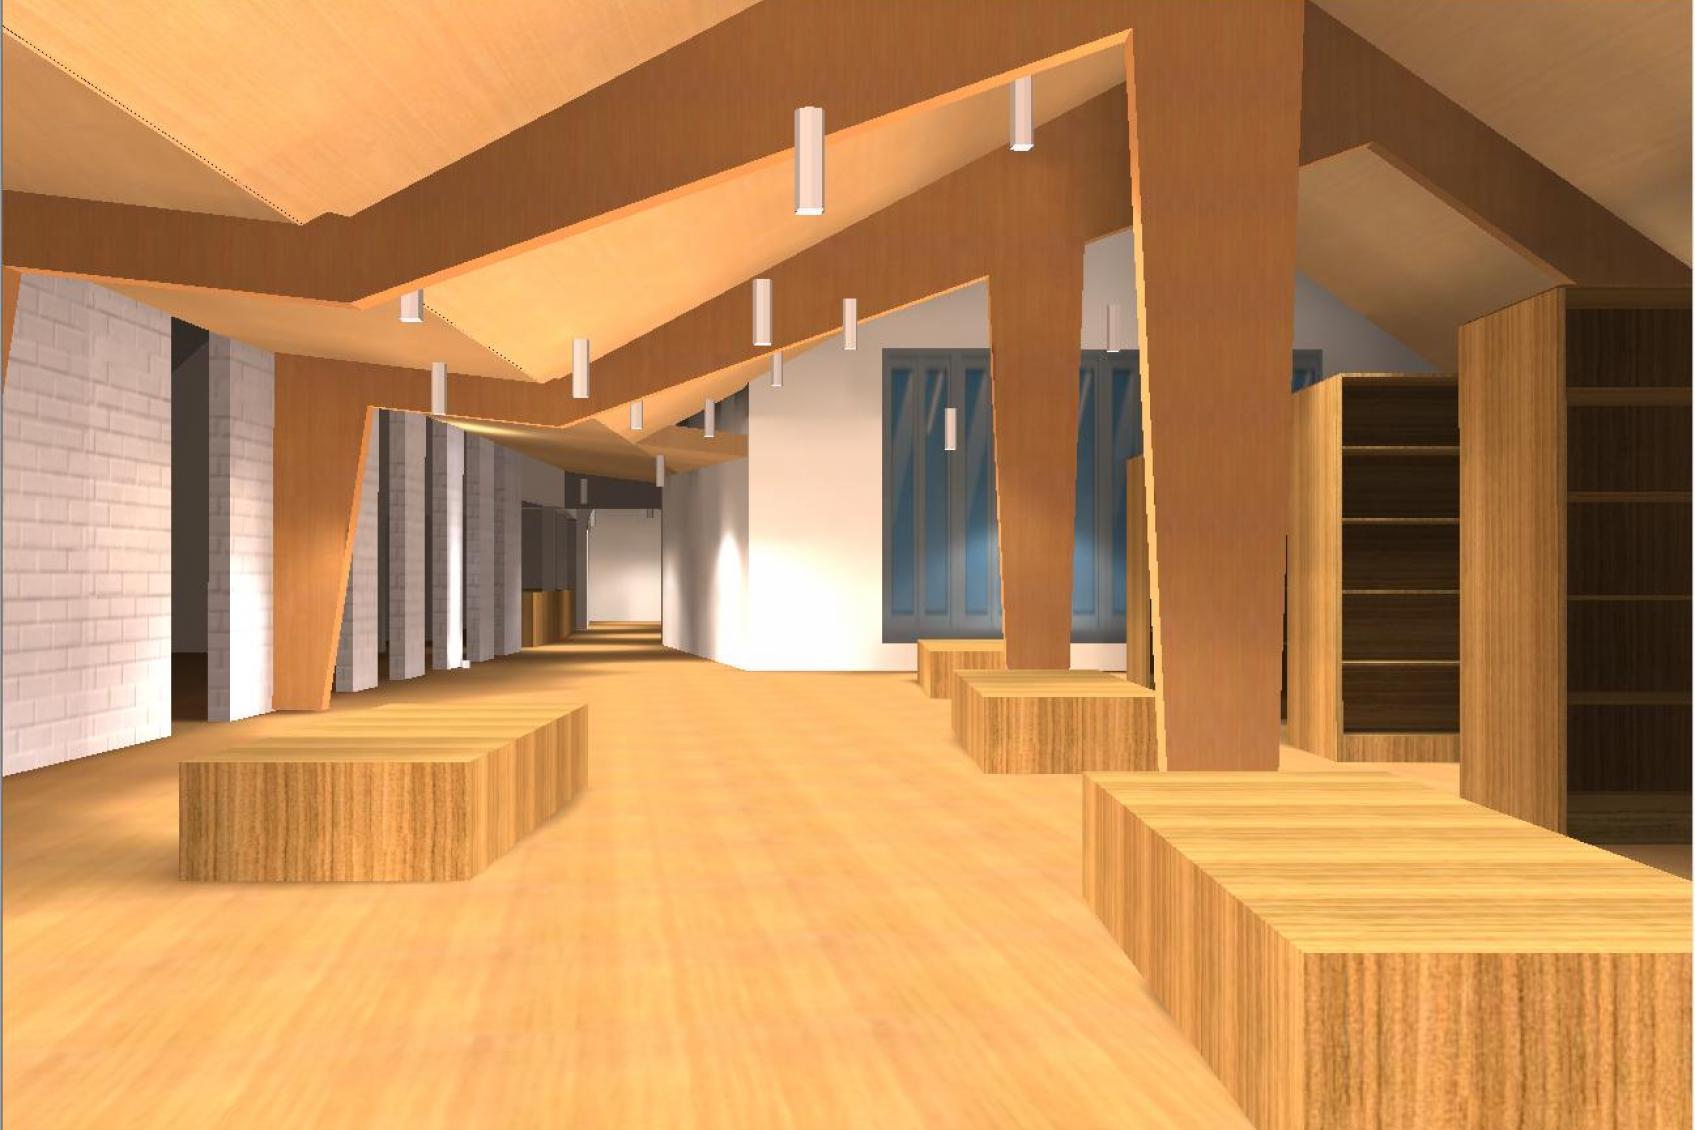 Onze lichtontwerper combineert design en licht optimaal1